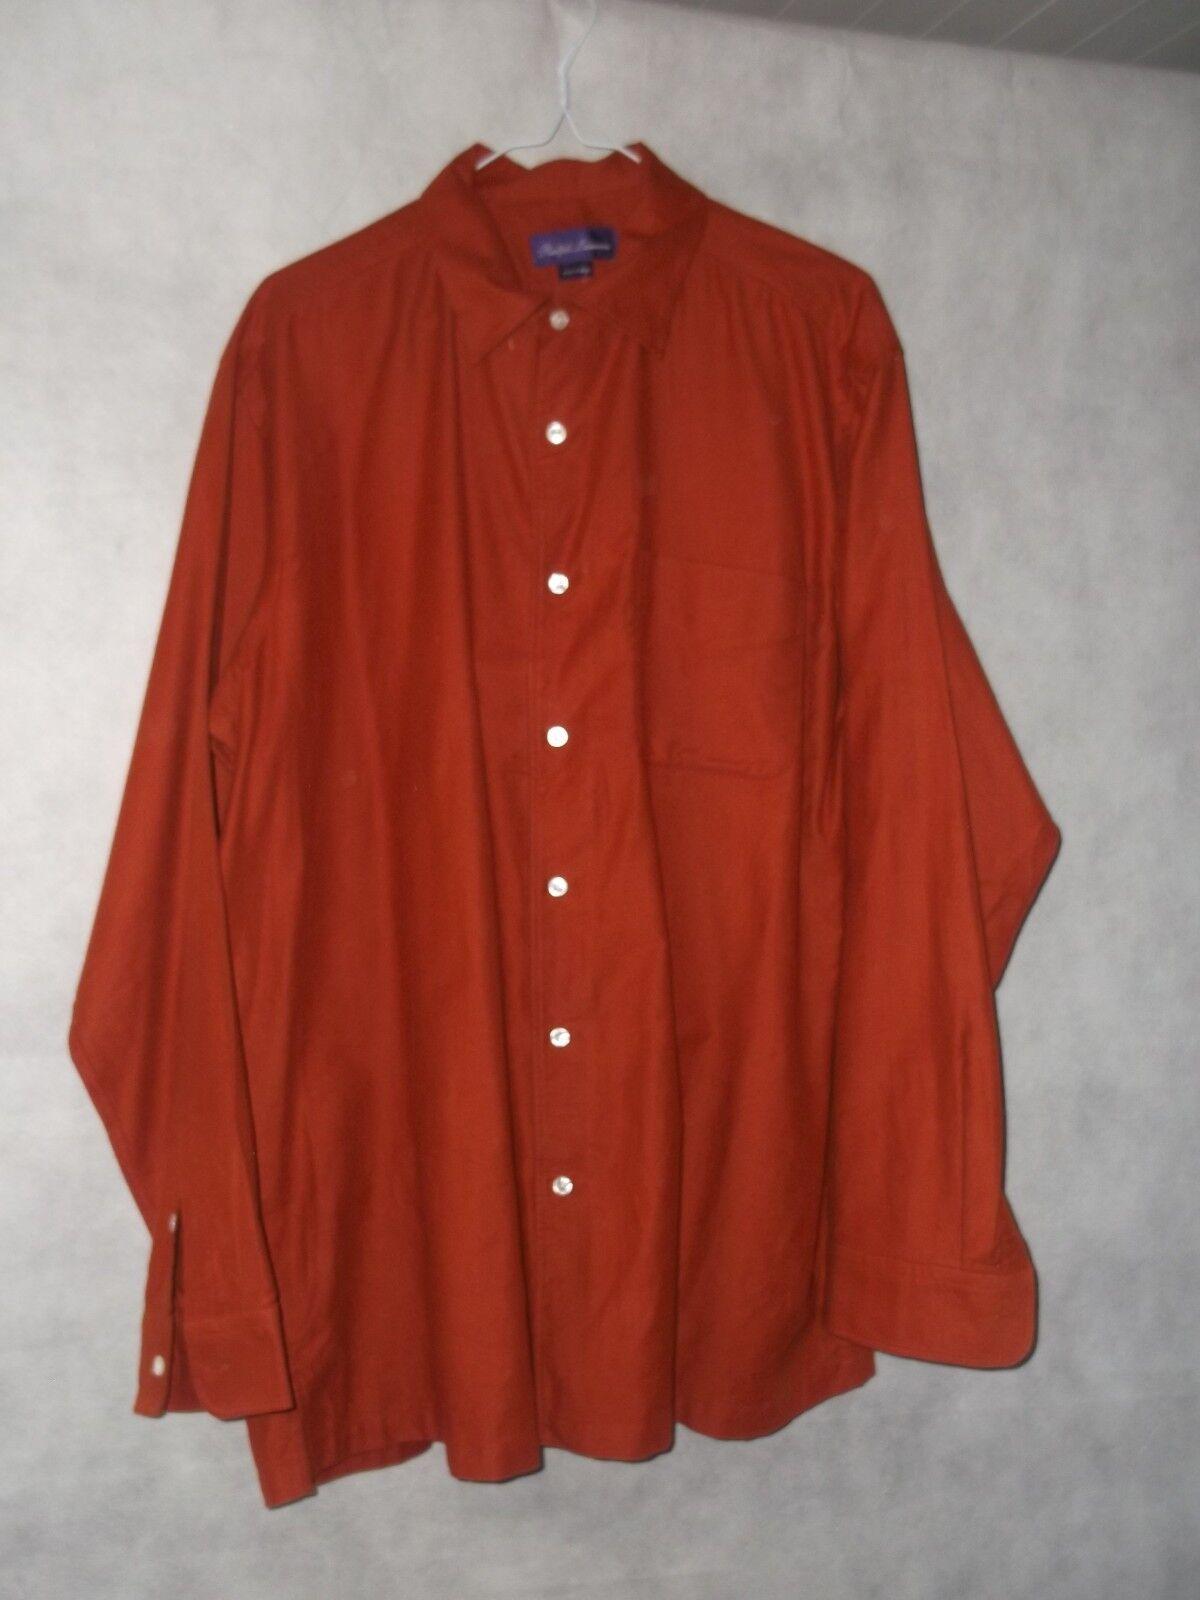 Ralph Lauren viola Label Label Label morbidissima Bruciato Arancione Camicia Taglia L 9d29fc